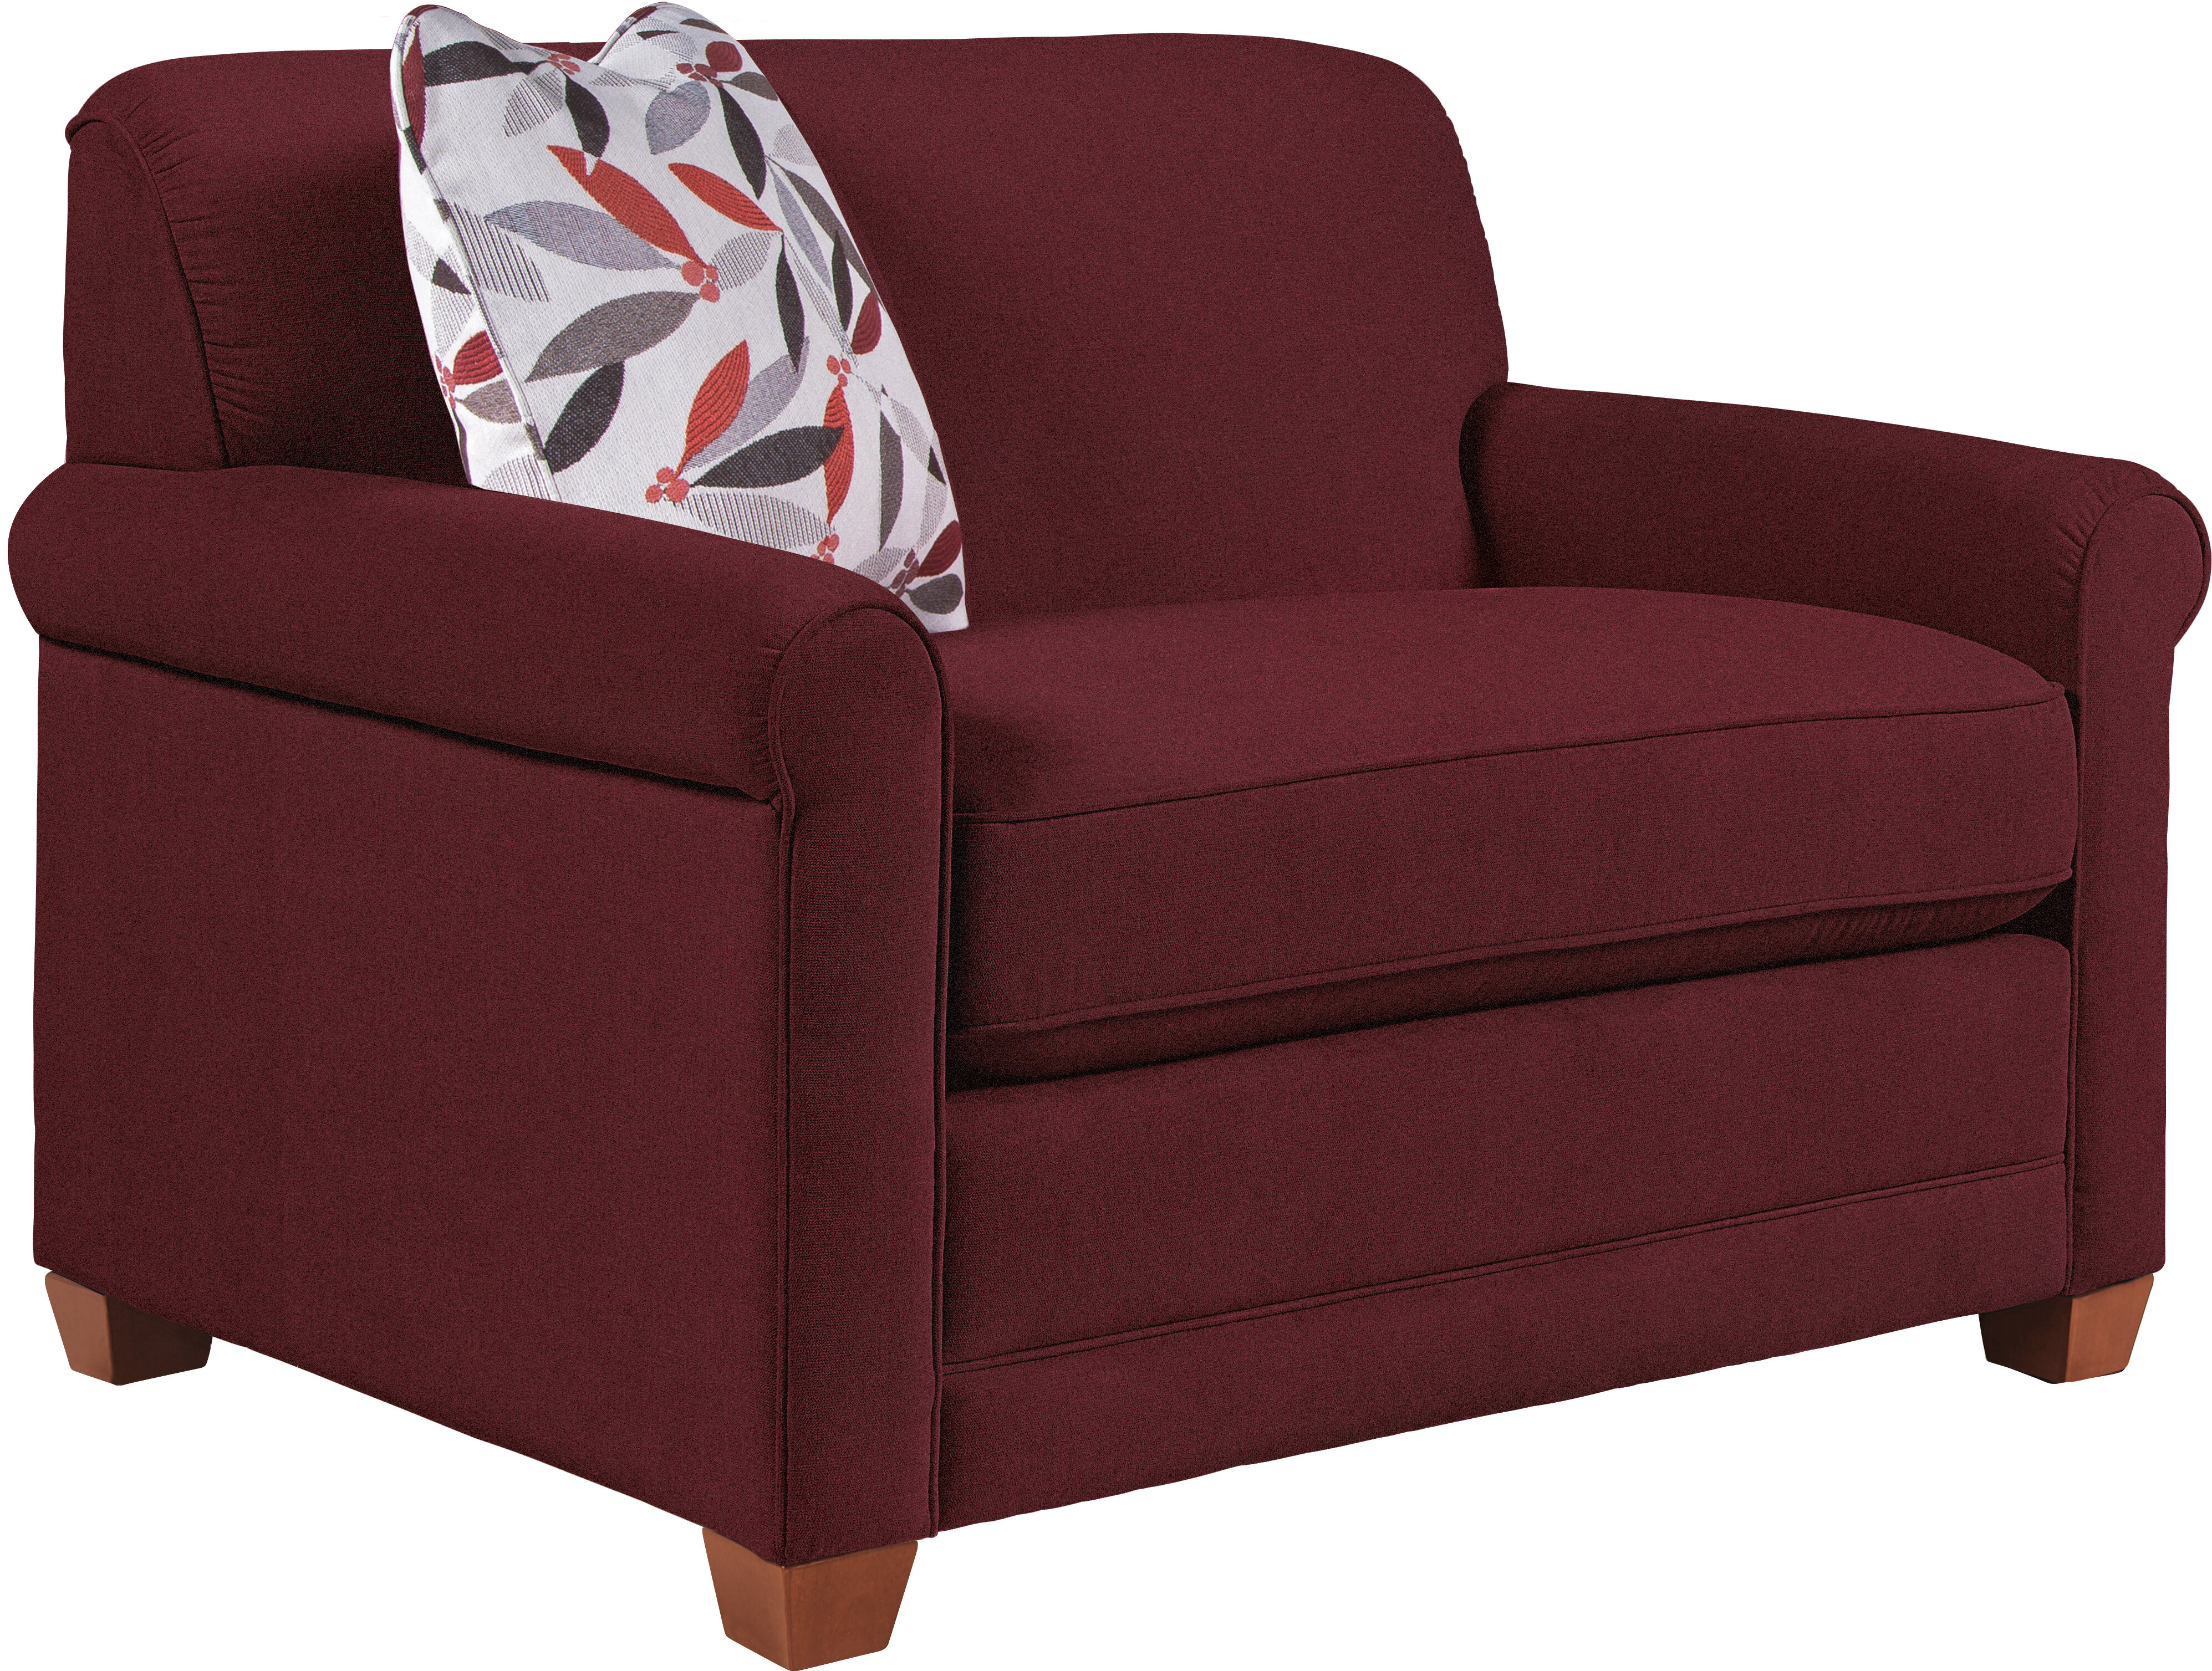 Marvelous La Z Boy Amanda Armchair Reviews Wayfair Inzonedesignstudio Interior Chair Design Inzonedesignstudiocom